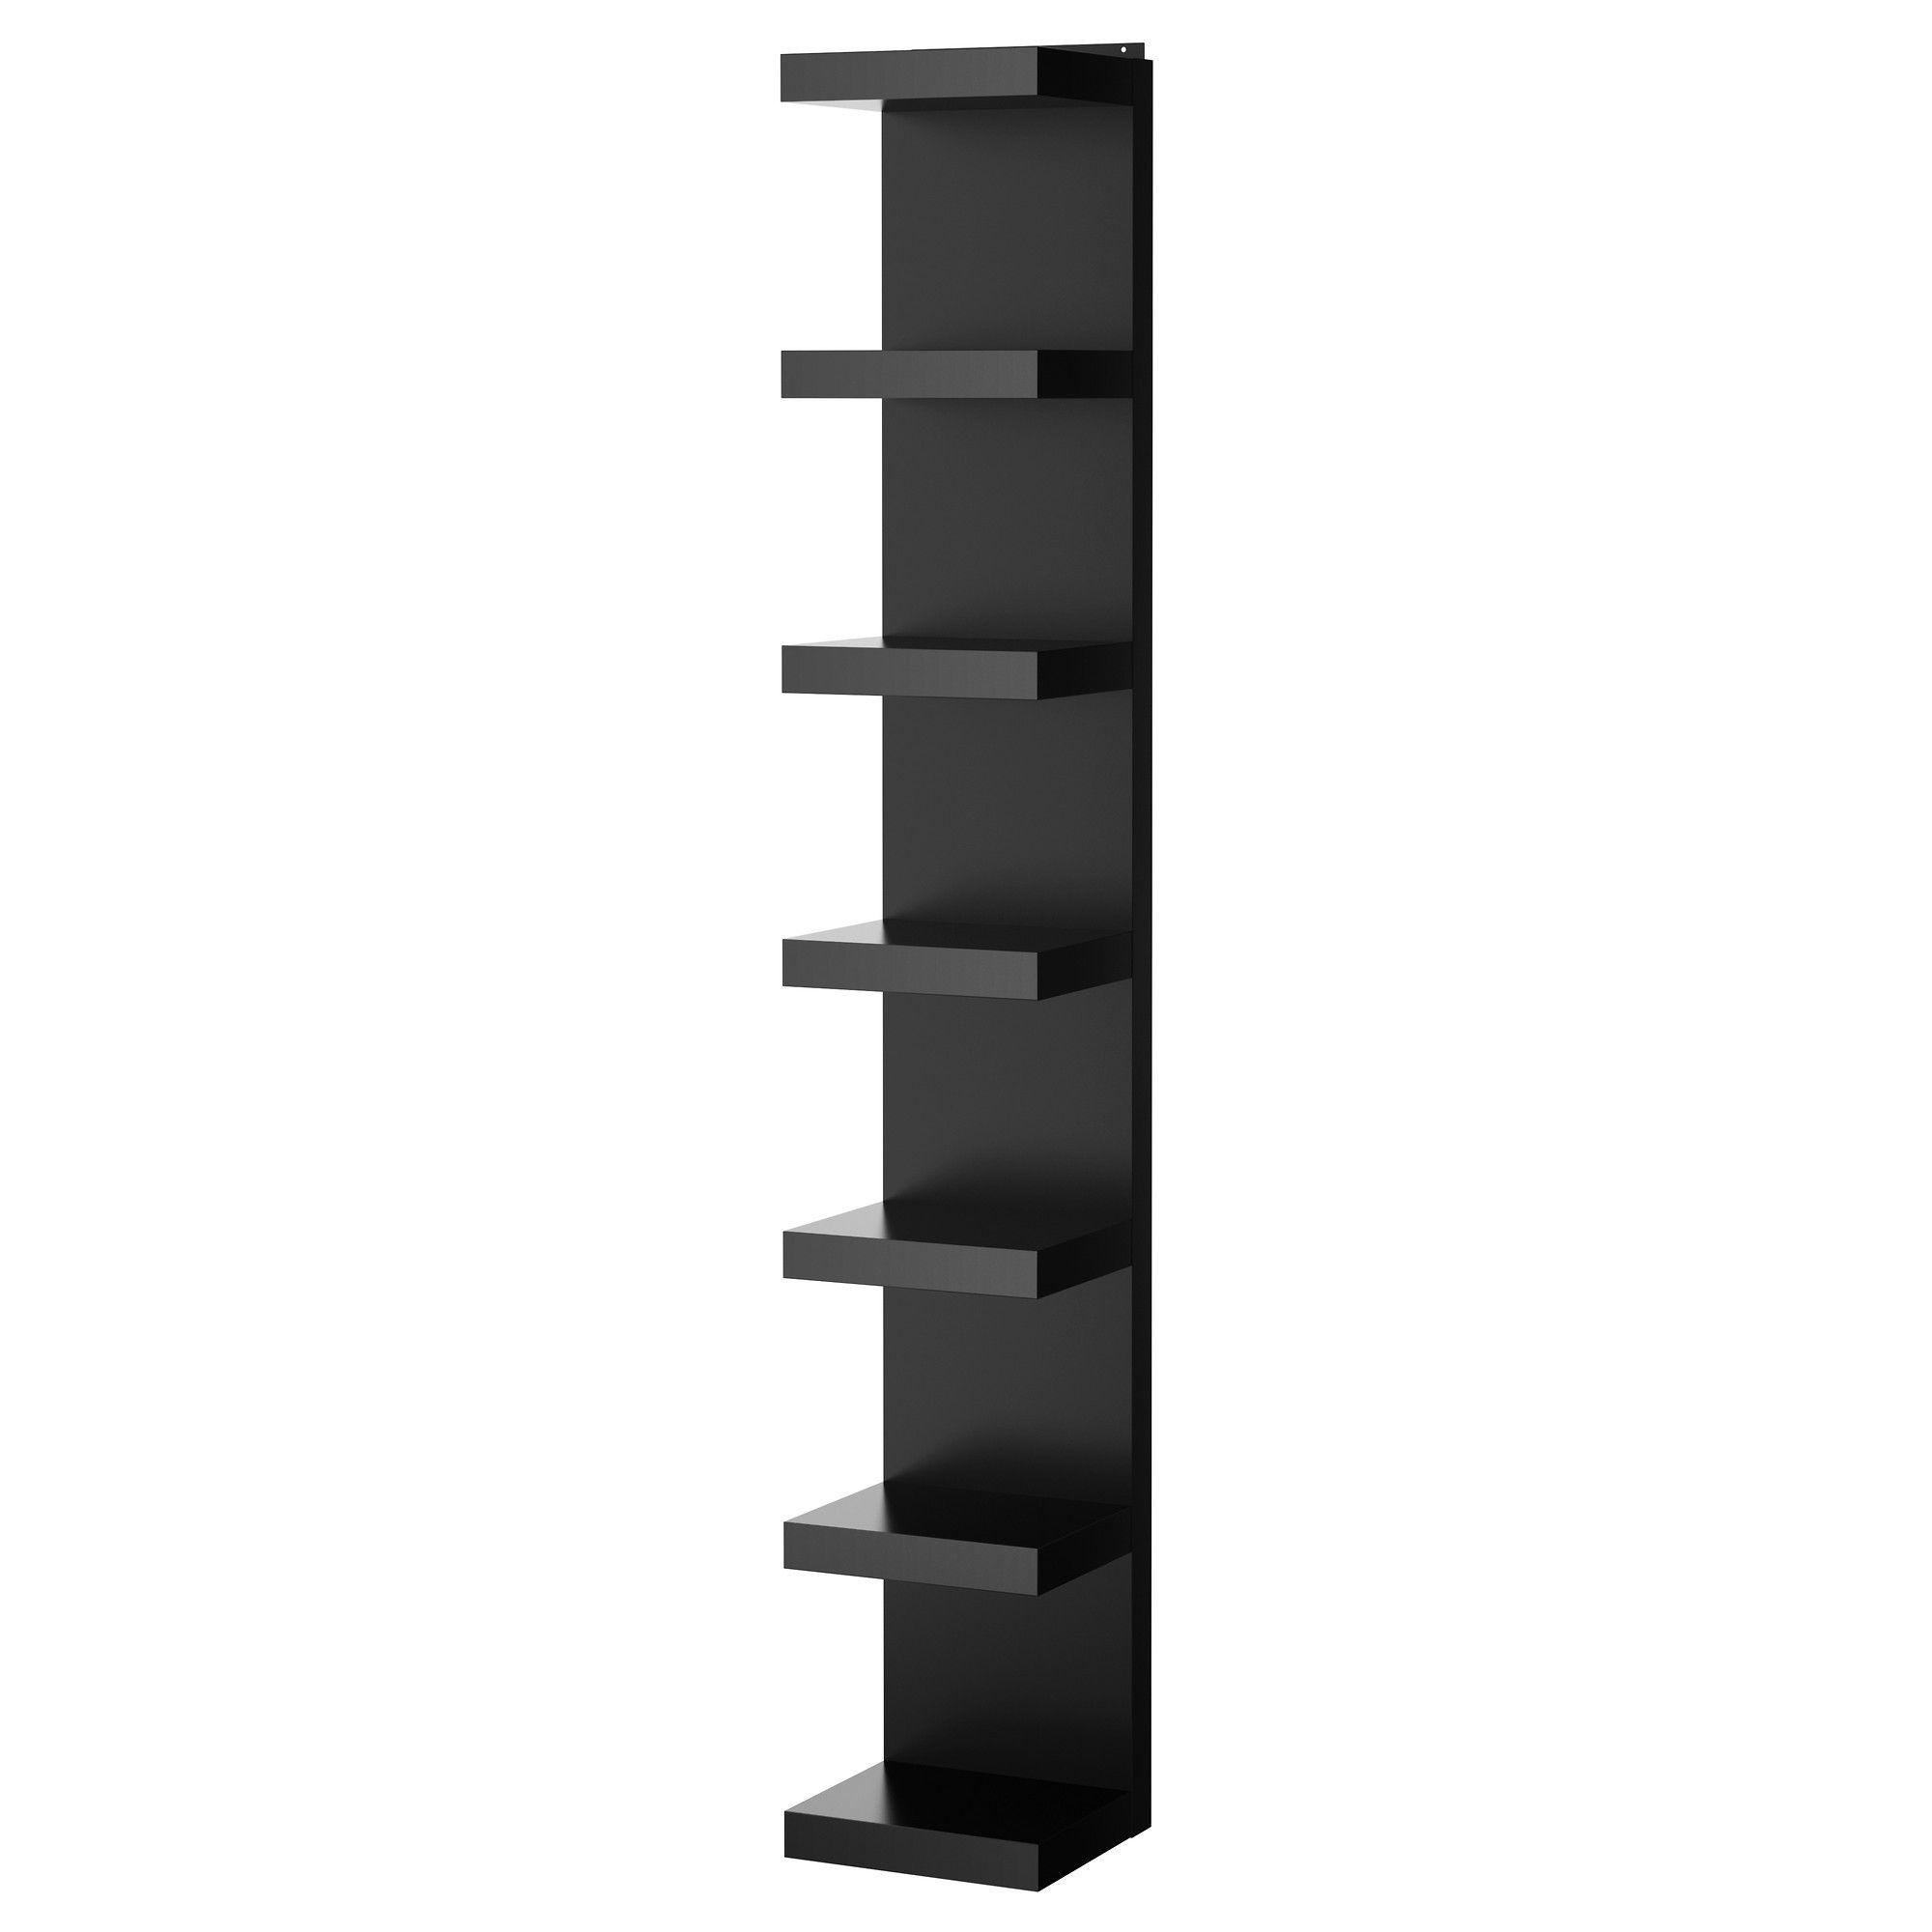 ИКЕА (ikea) club : ЛАКК, Полочный модуль, навесной, черный, 201.637